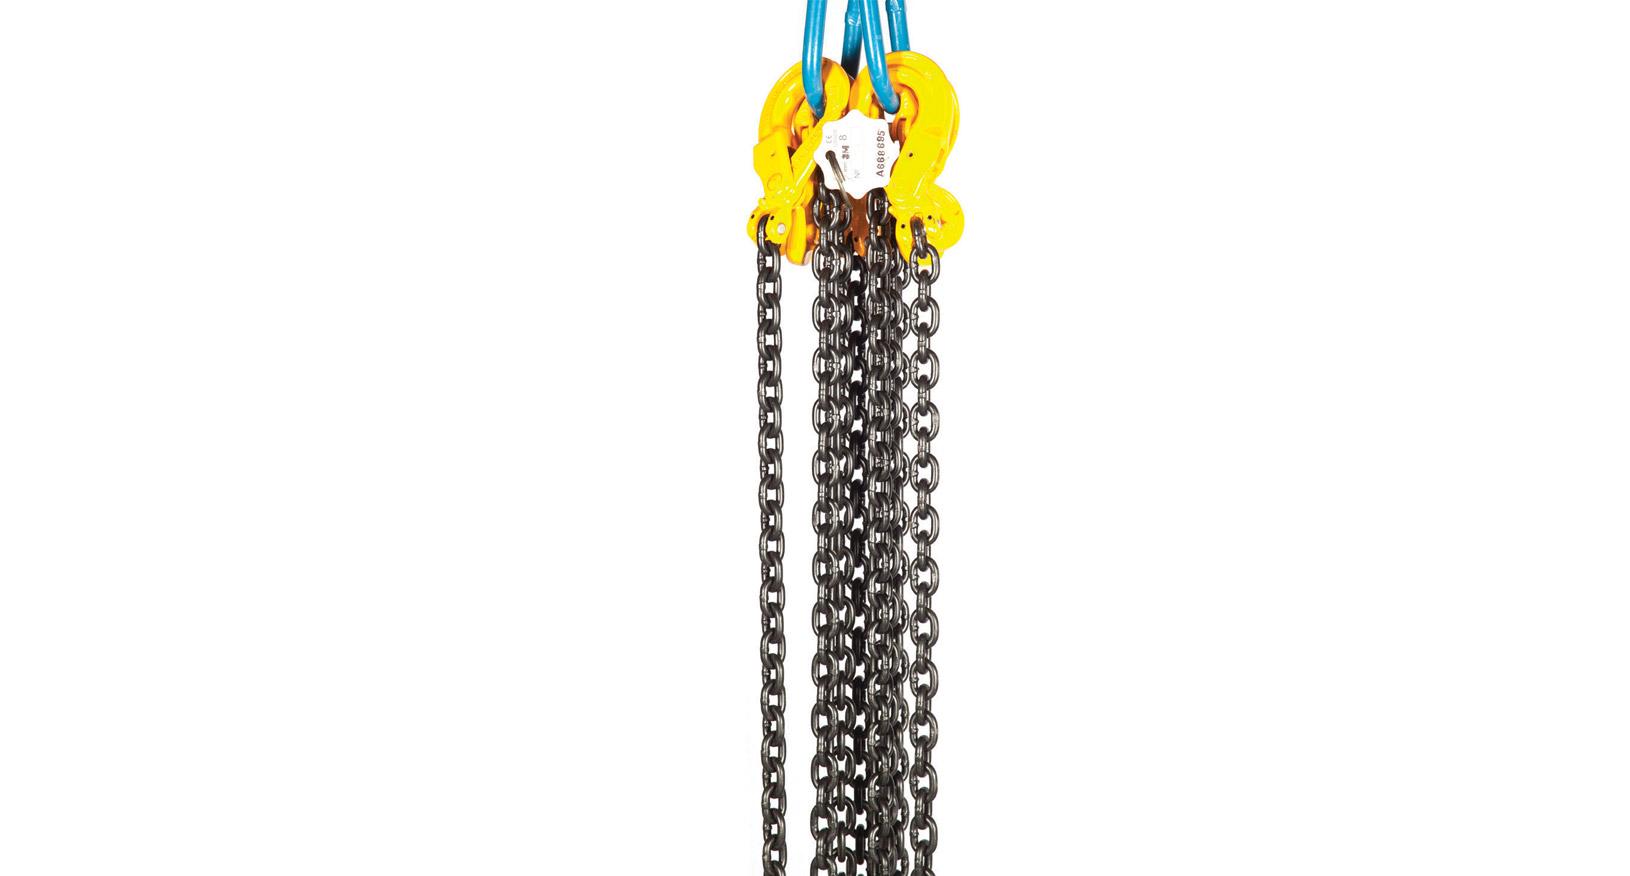 4.2T 10mm 2 Leg Chain 0-3M